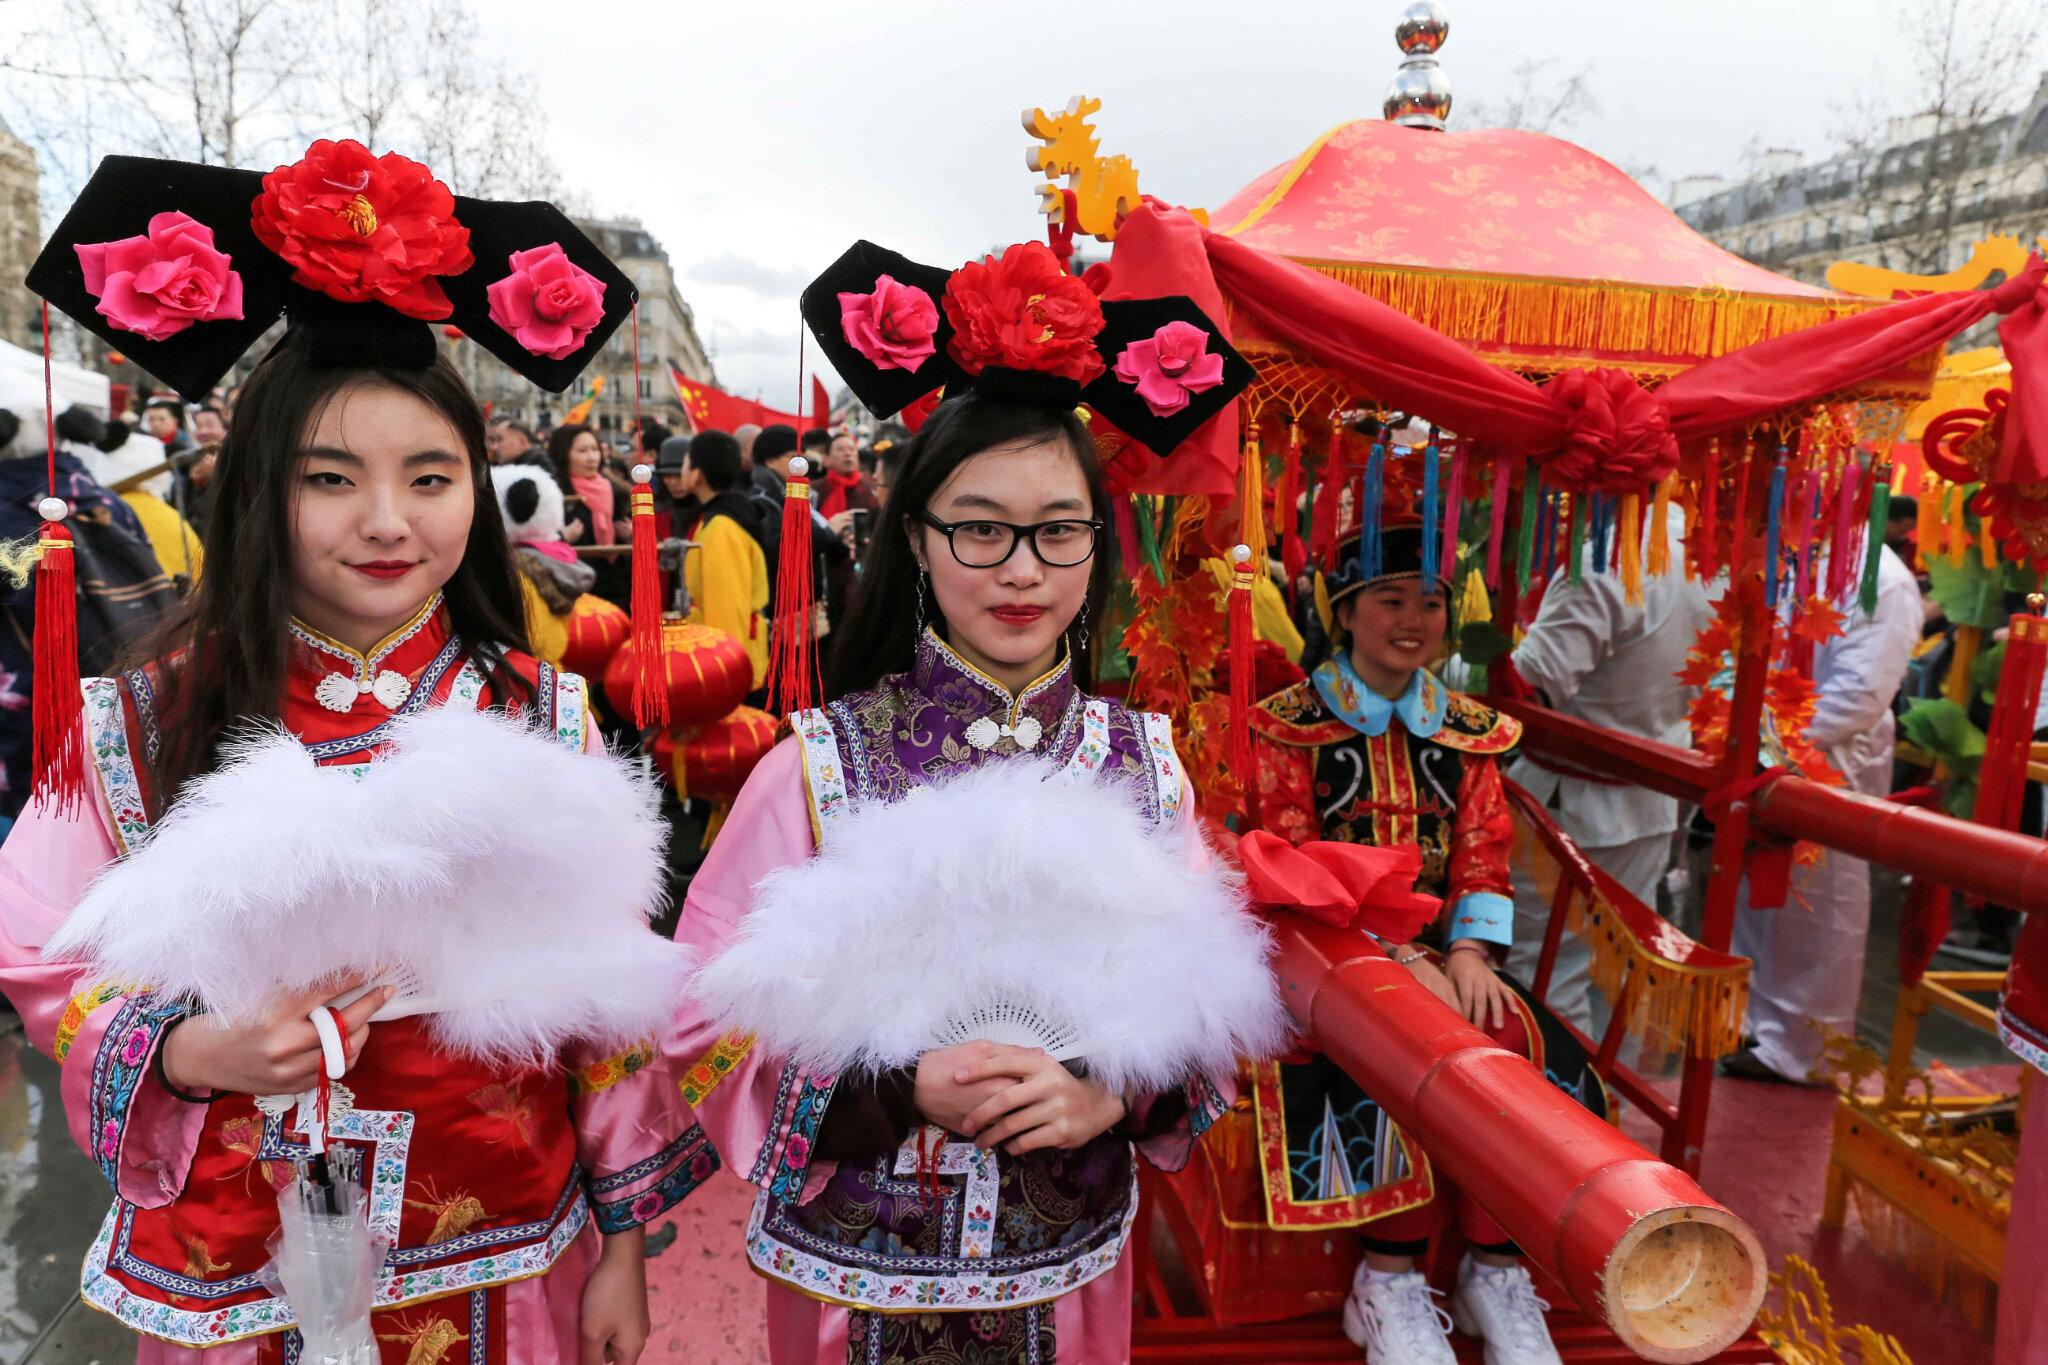 La communauté chinoise à Paris fête l'année du Porc. © Michel Stoupak. Dim 10.02.2019, 13h54m00.